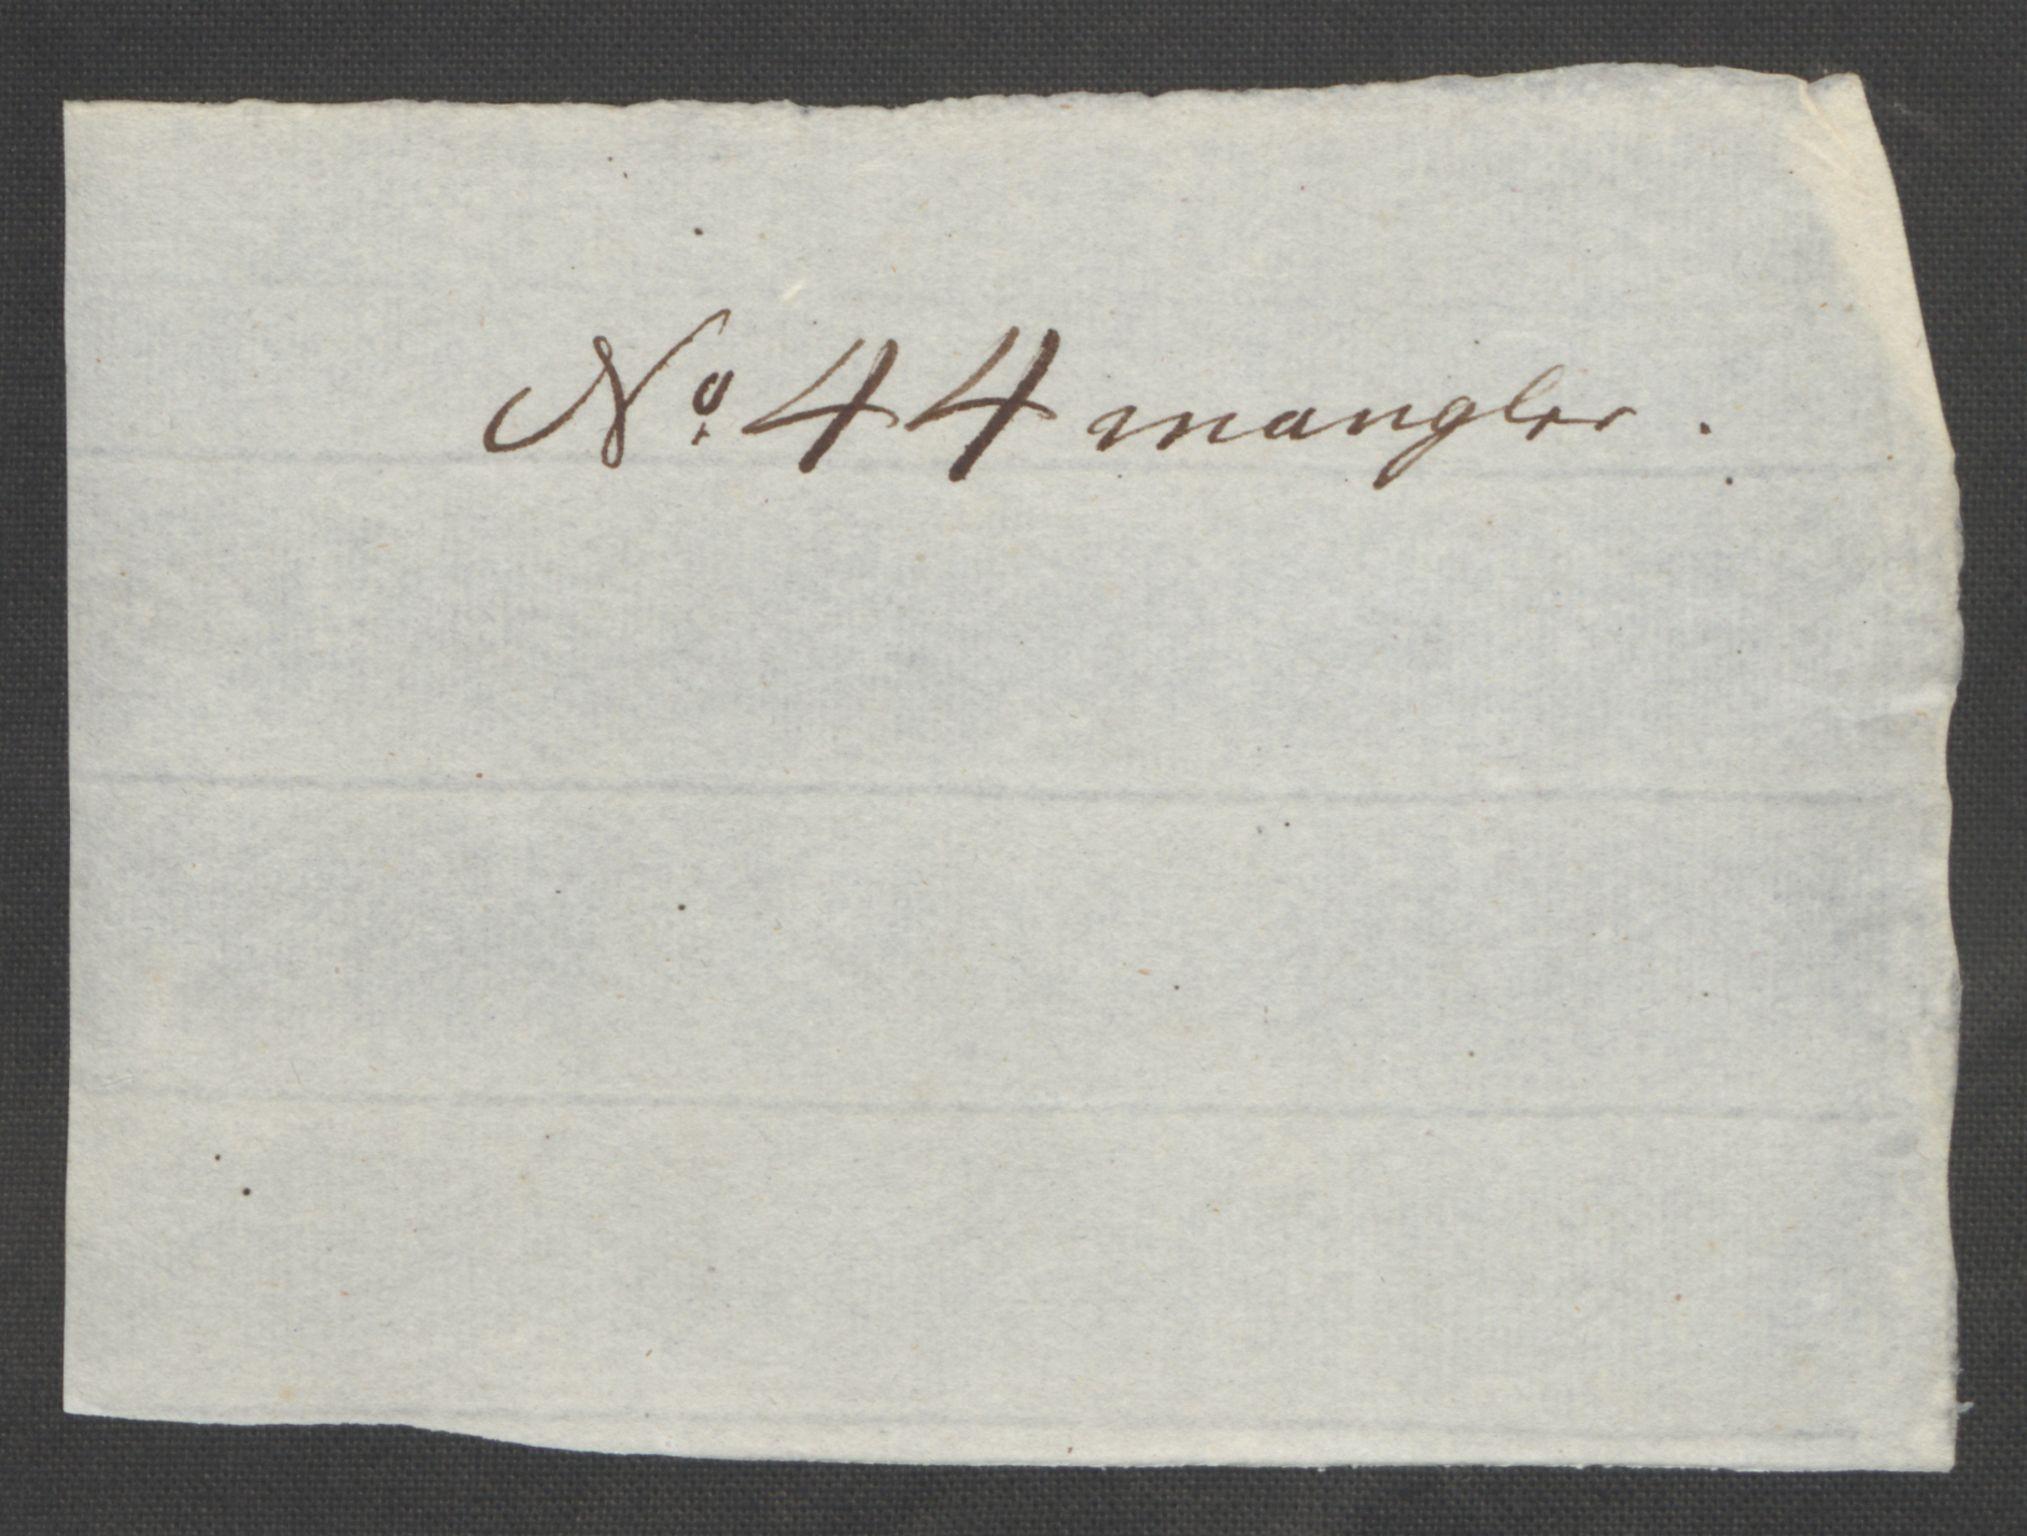 RA, Rentekammeret inntil 1814, Reviderte regnskaper, Fogderegnskap, R17/L1266: Ekstraskatten Gudbrandsdal, 1762-1766, s. 411